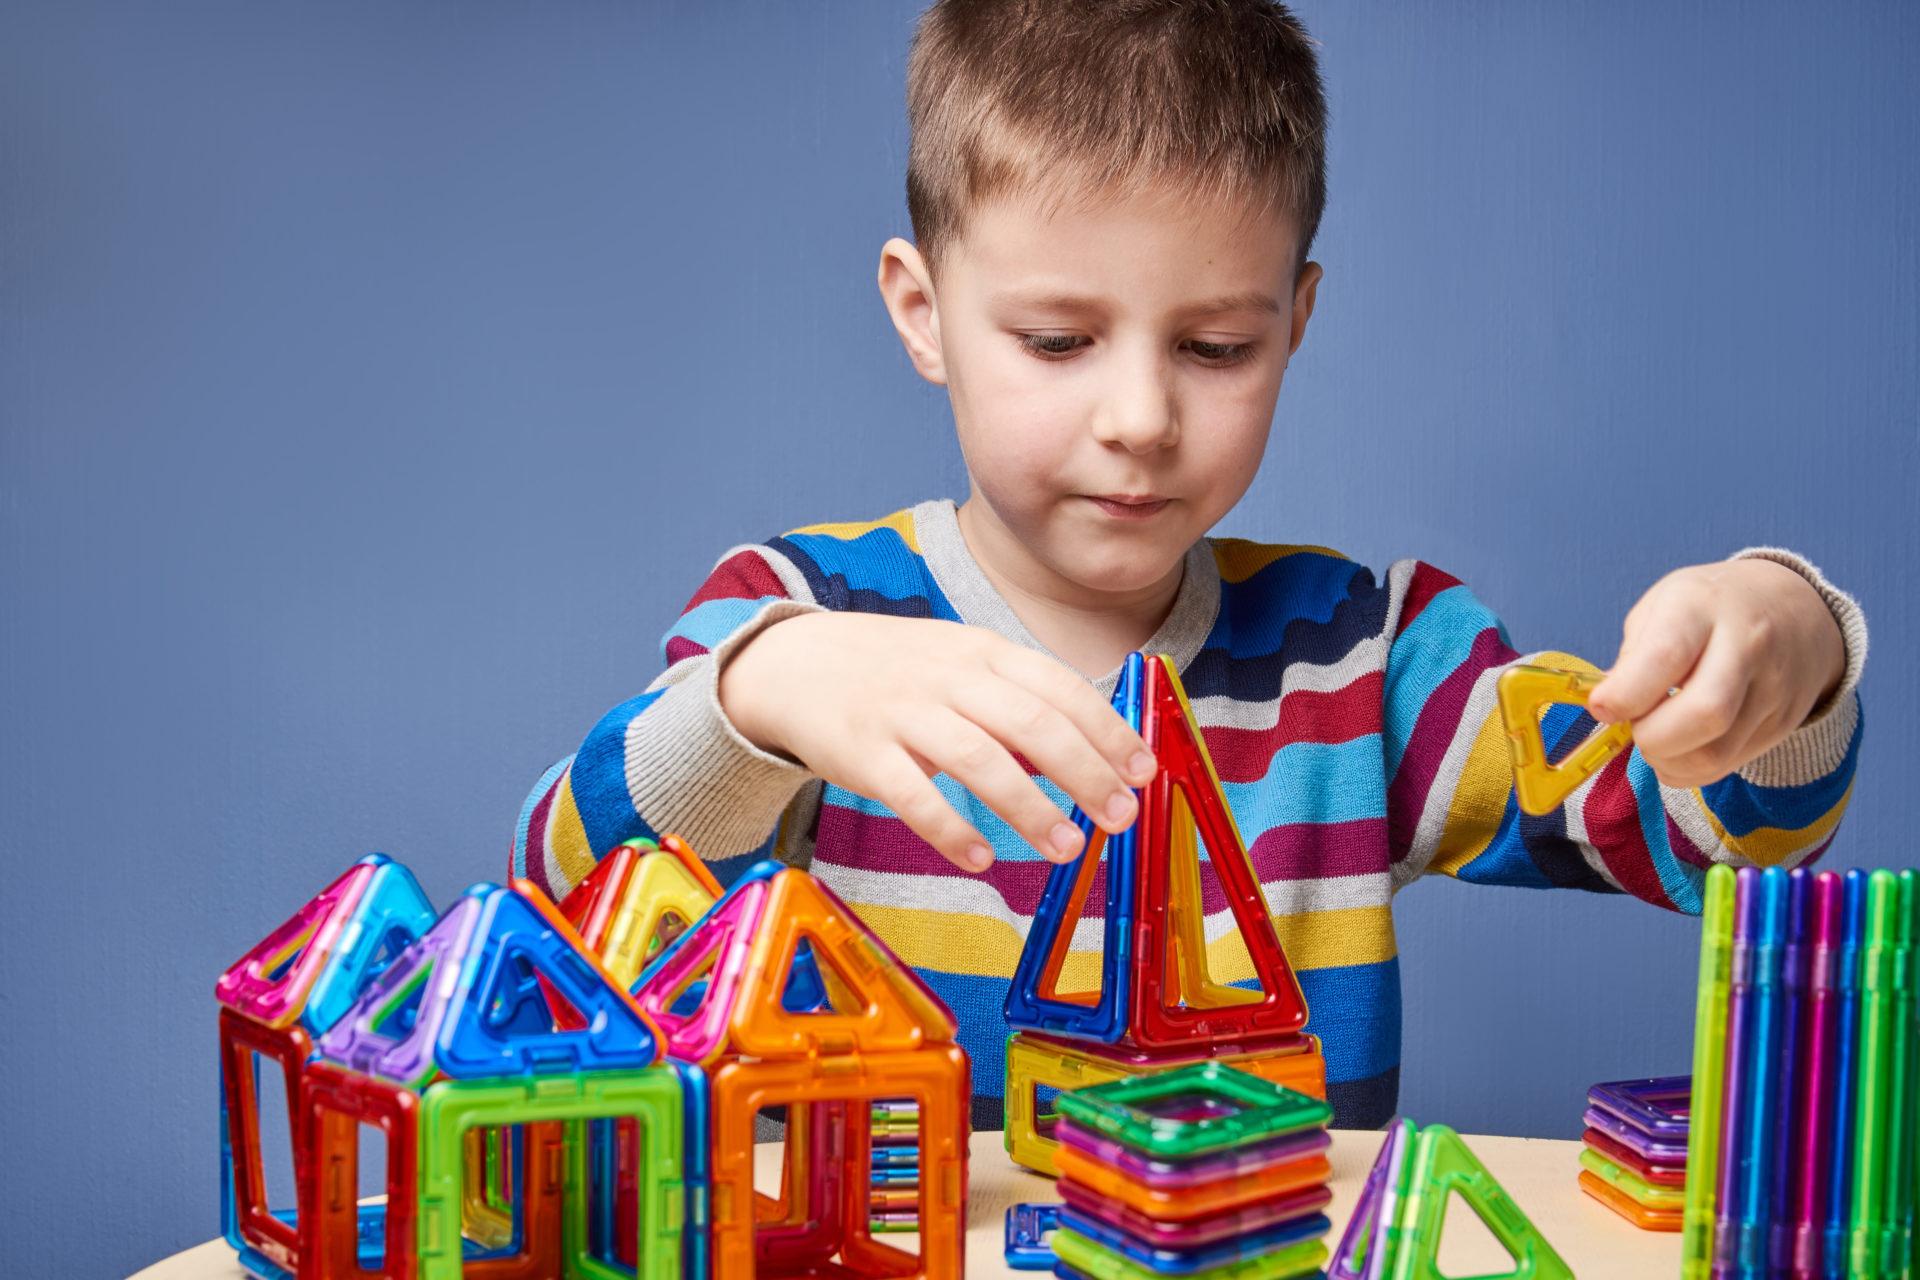 Idées Cadeau Anniversaire Garçon De 6 Ans, 7 Ans, 8 Ans, 9 destiné Jeux Pour Garçon De 9 Ans